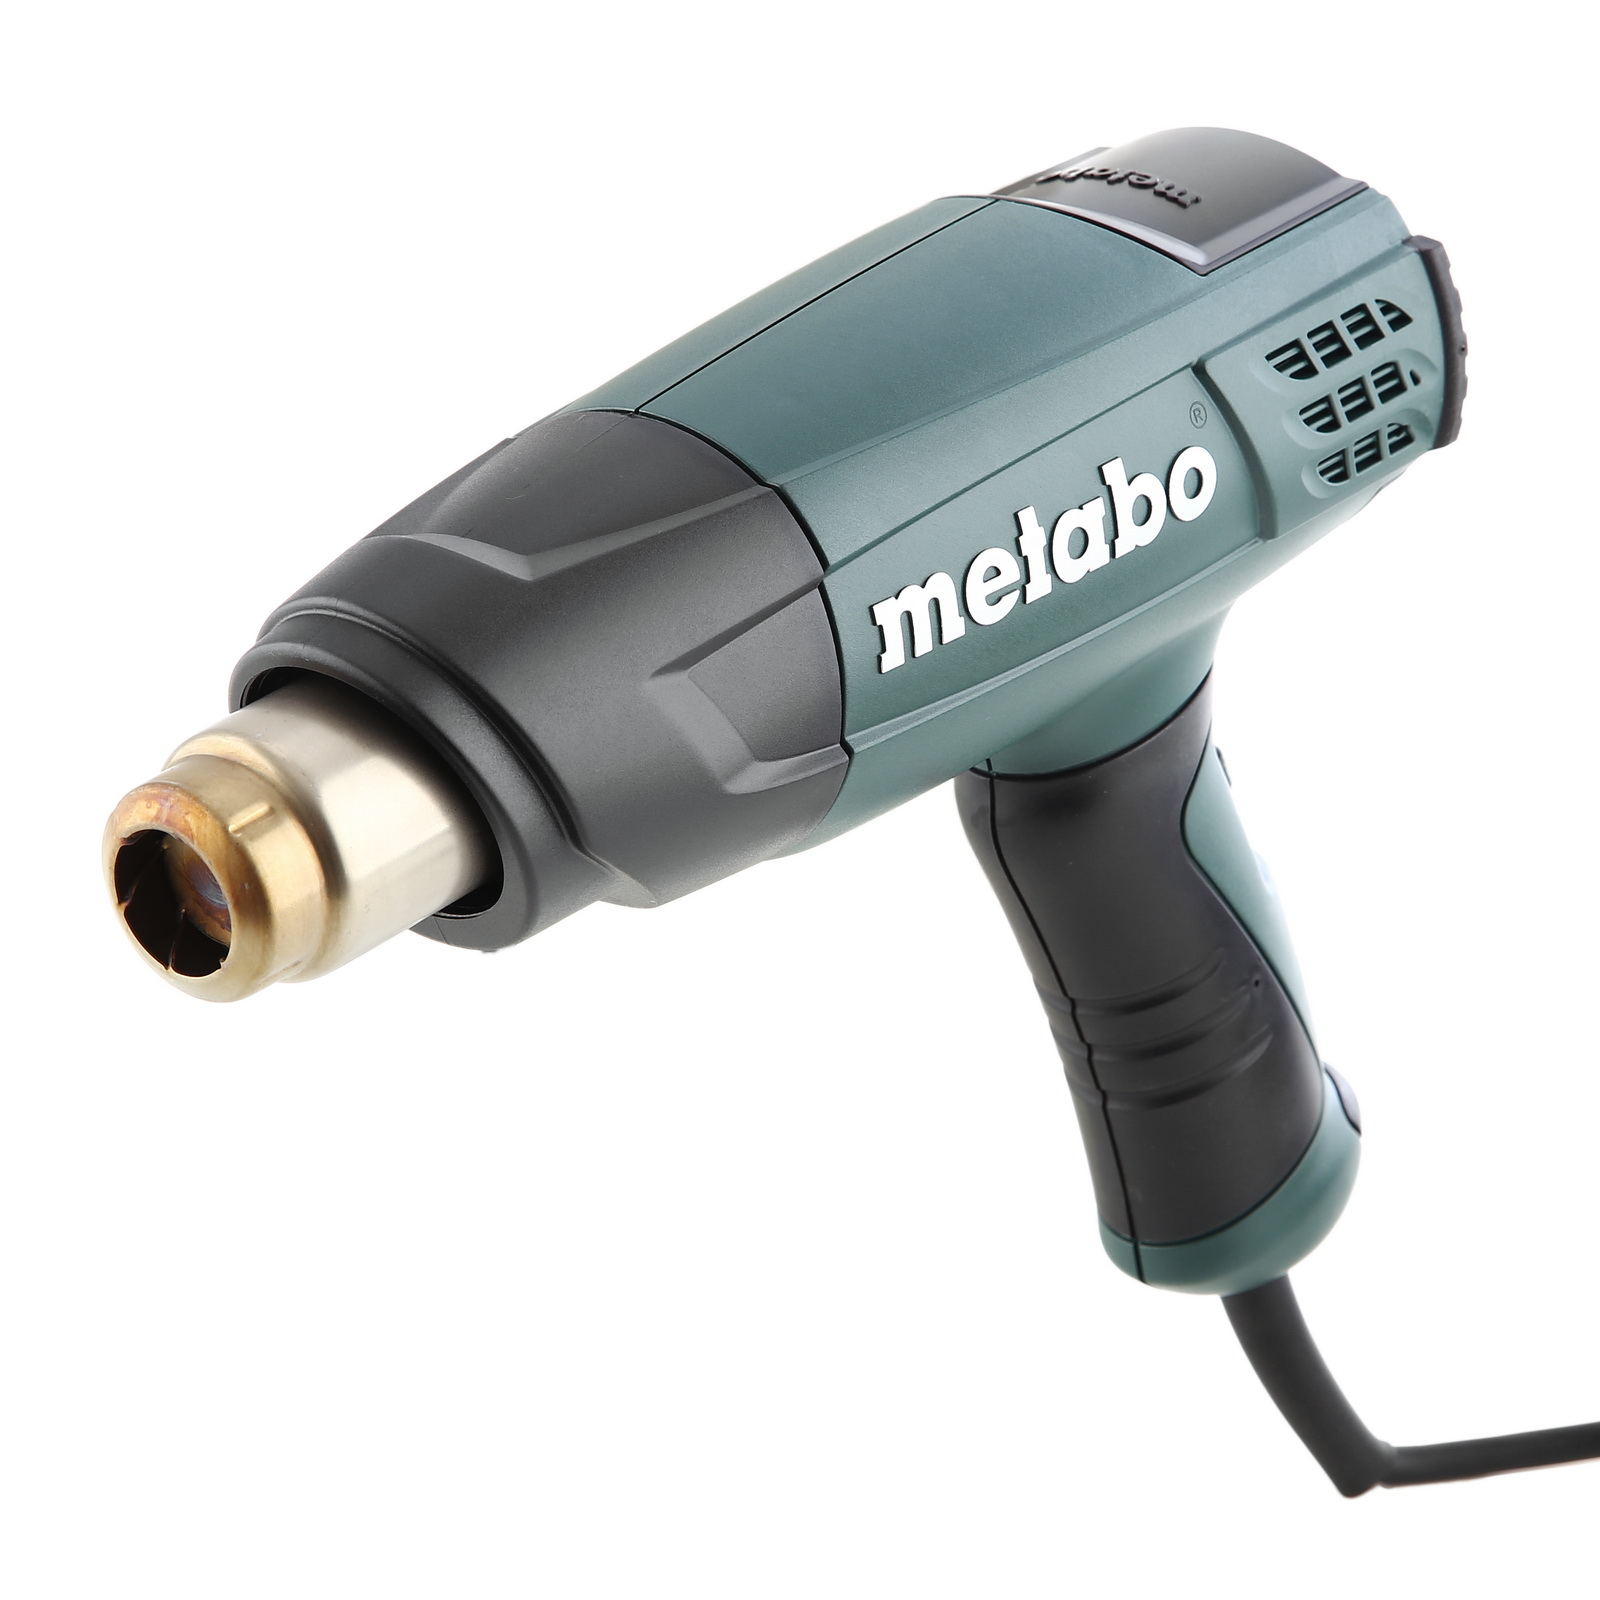 Фен технический Metabo He 23-650 control